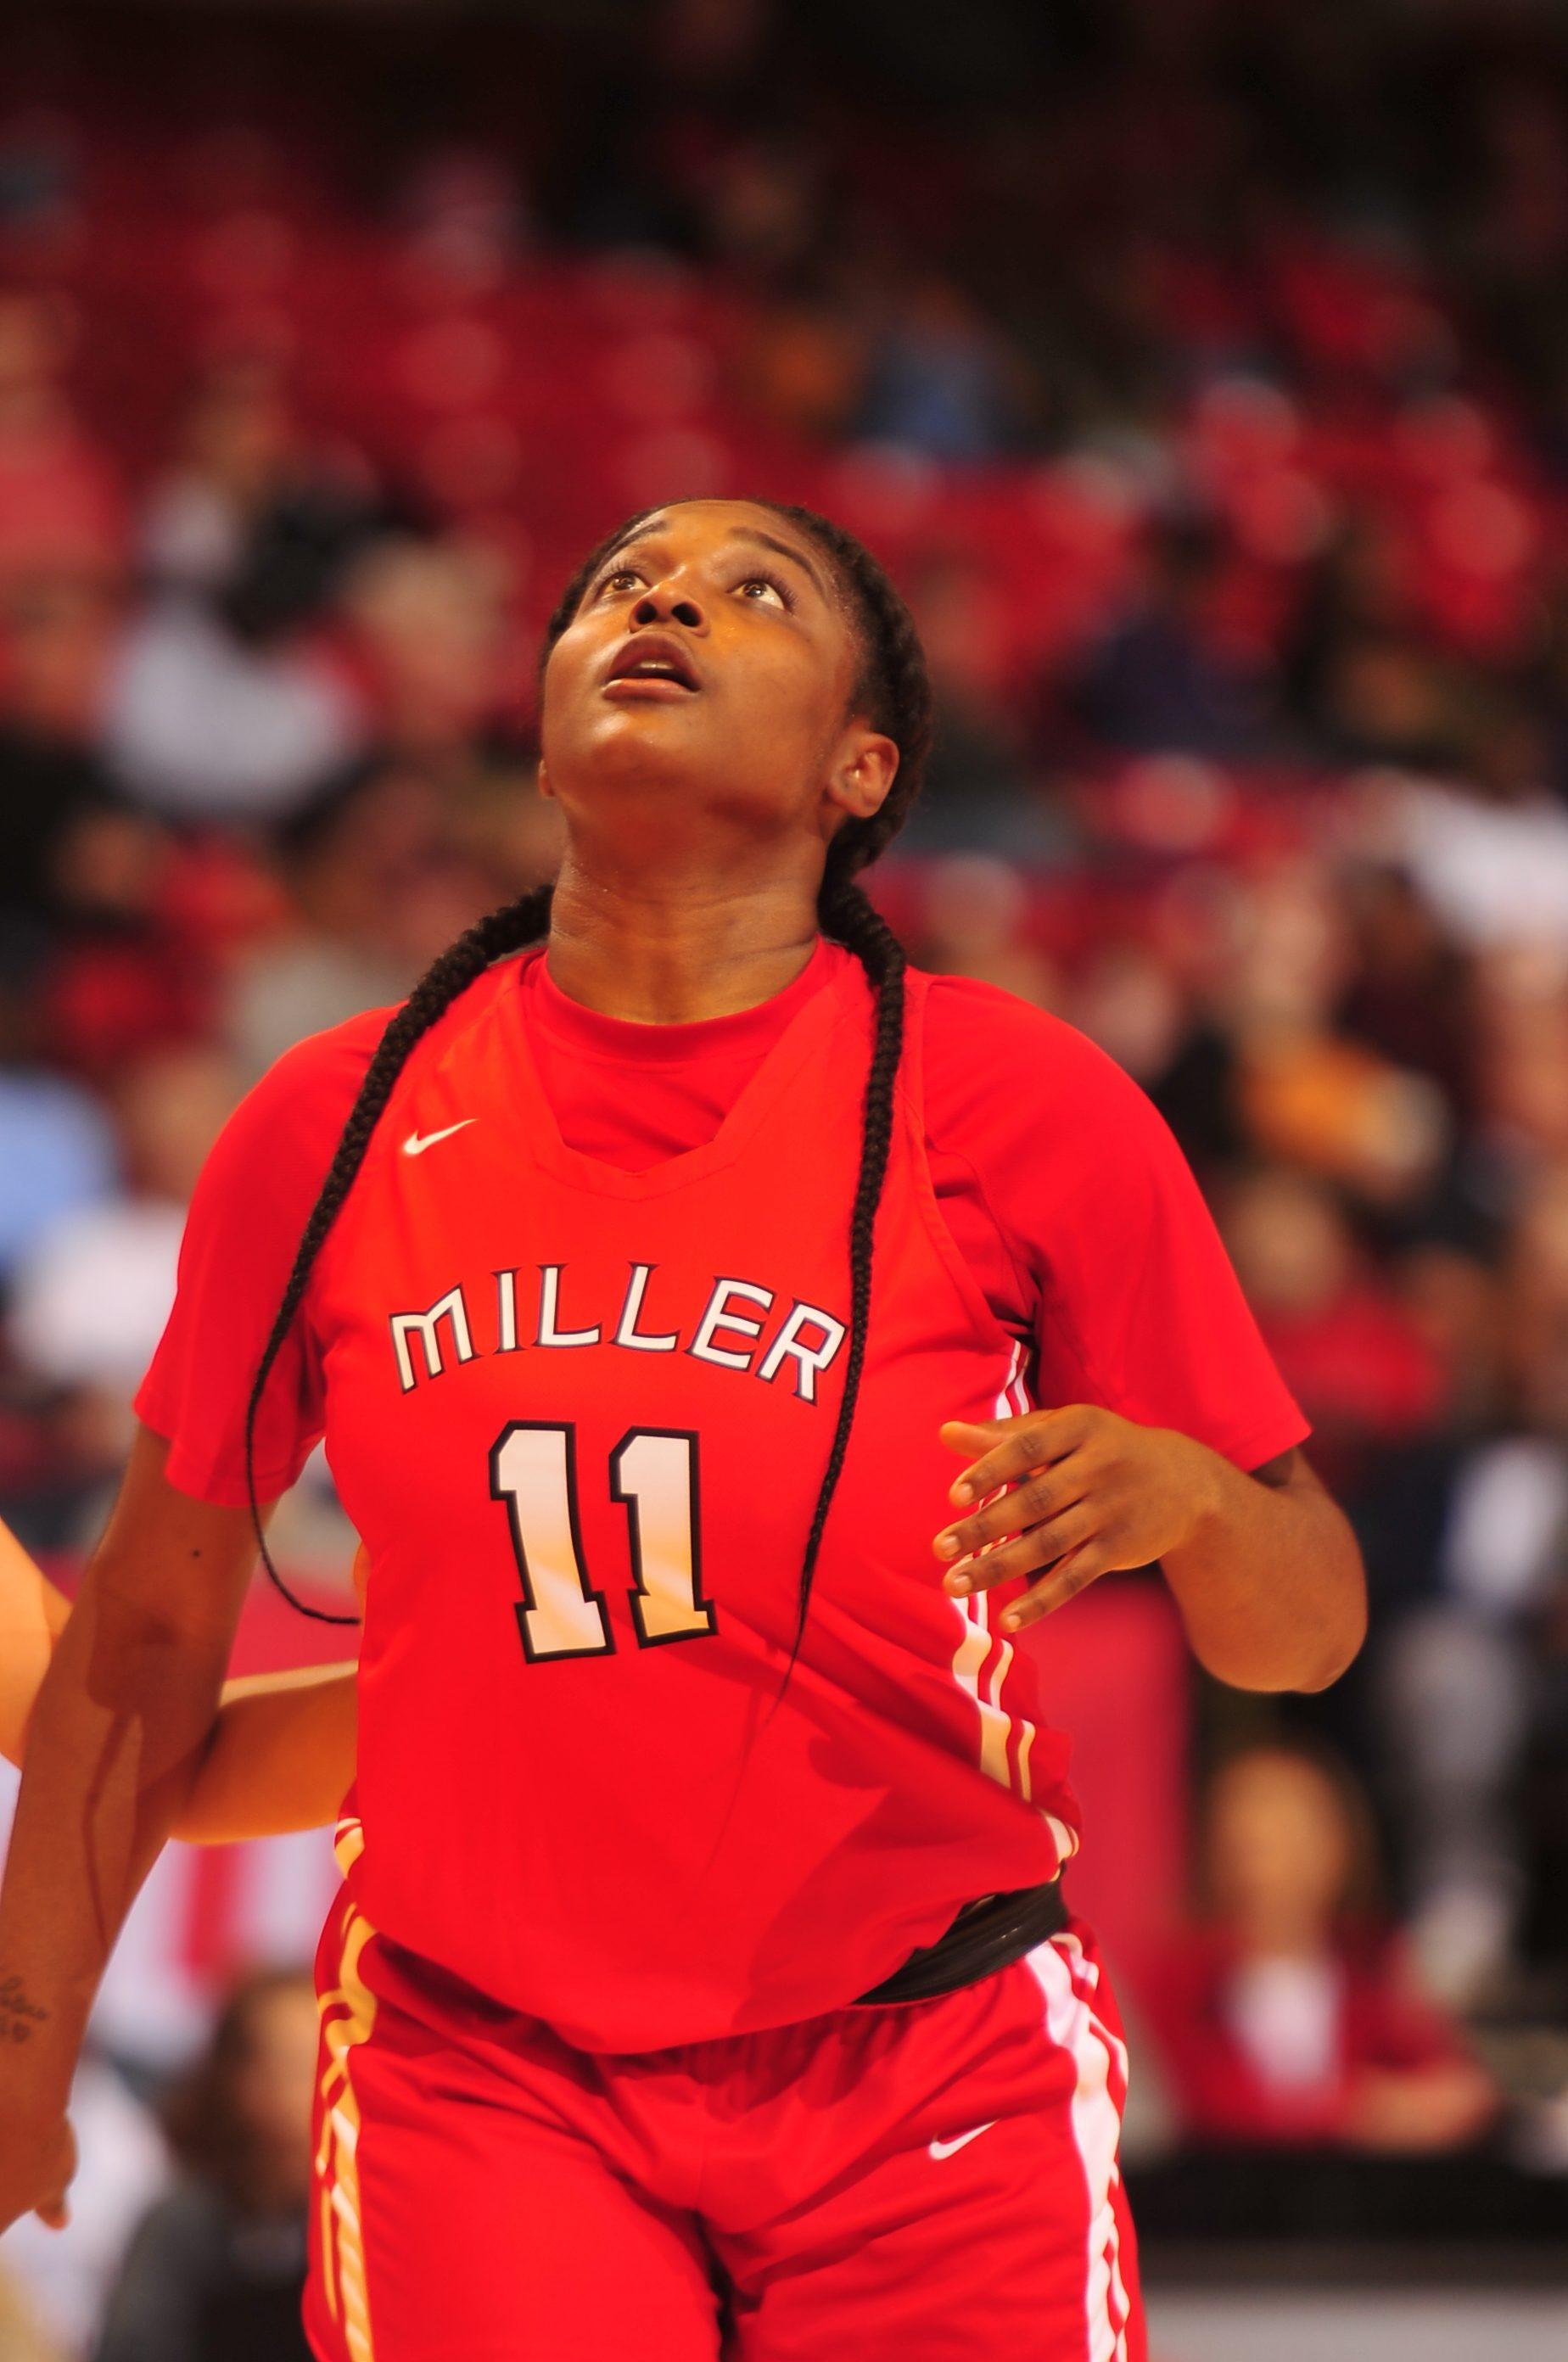 Class 3A Girls' Semifinals T.R. Miller 50, Lauderdale County 44